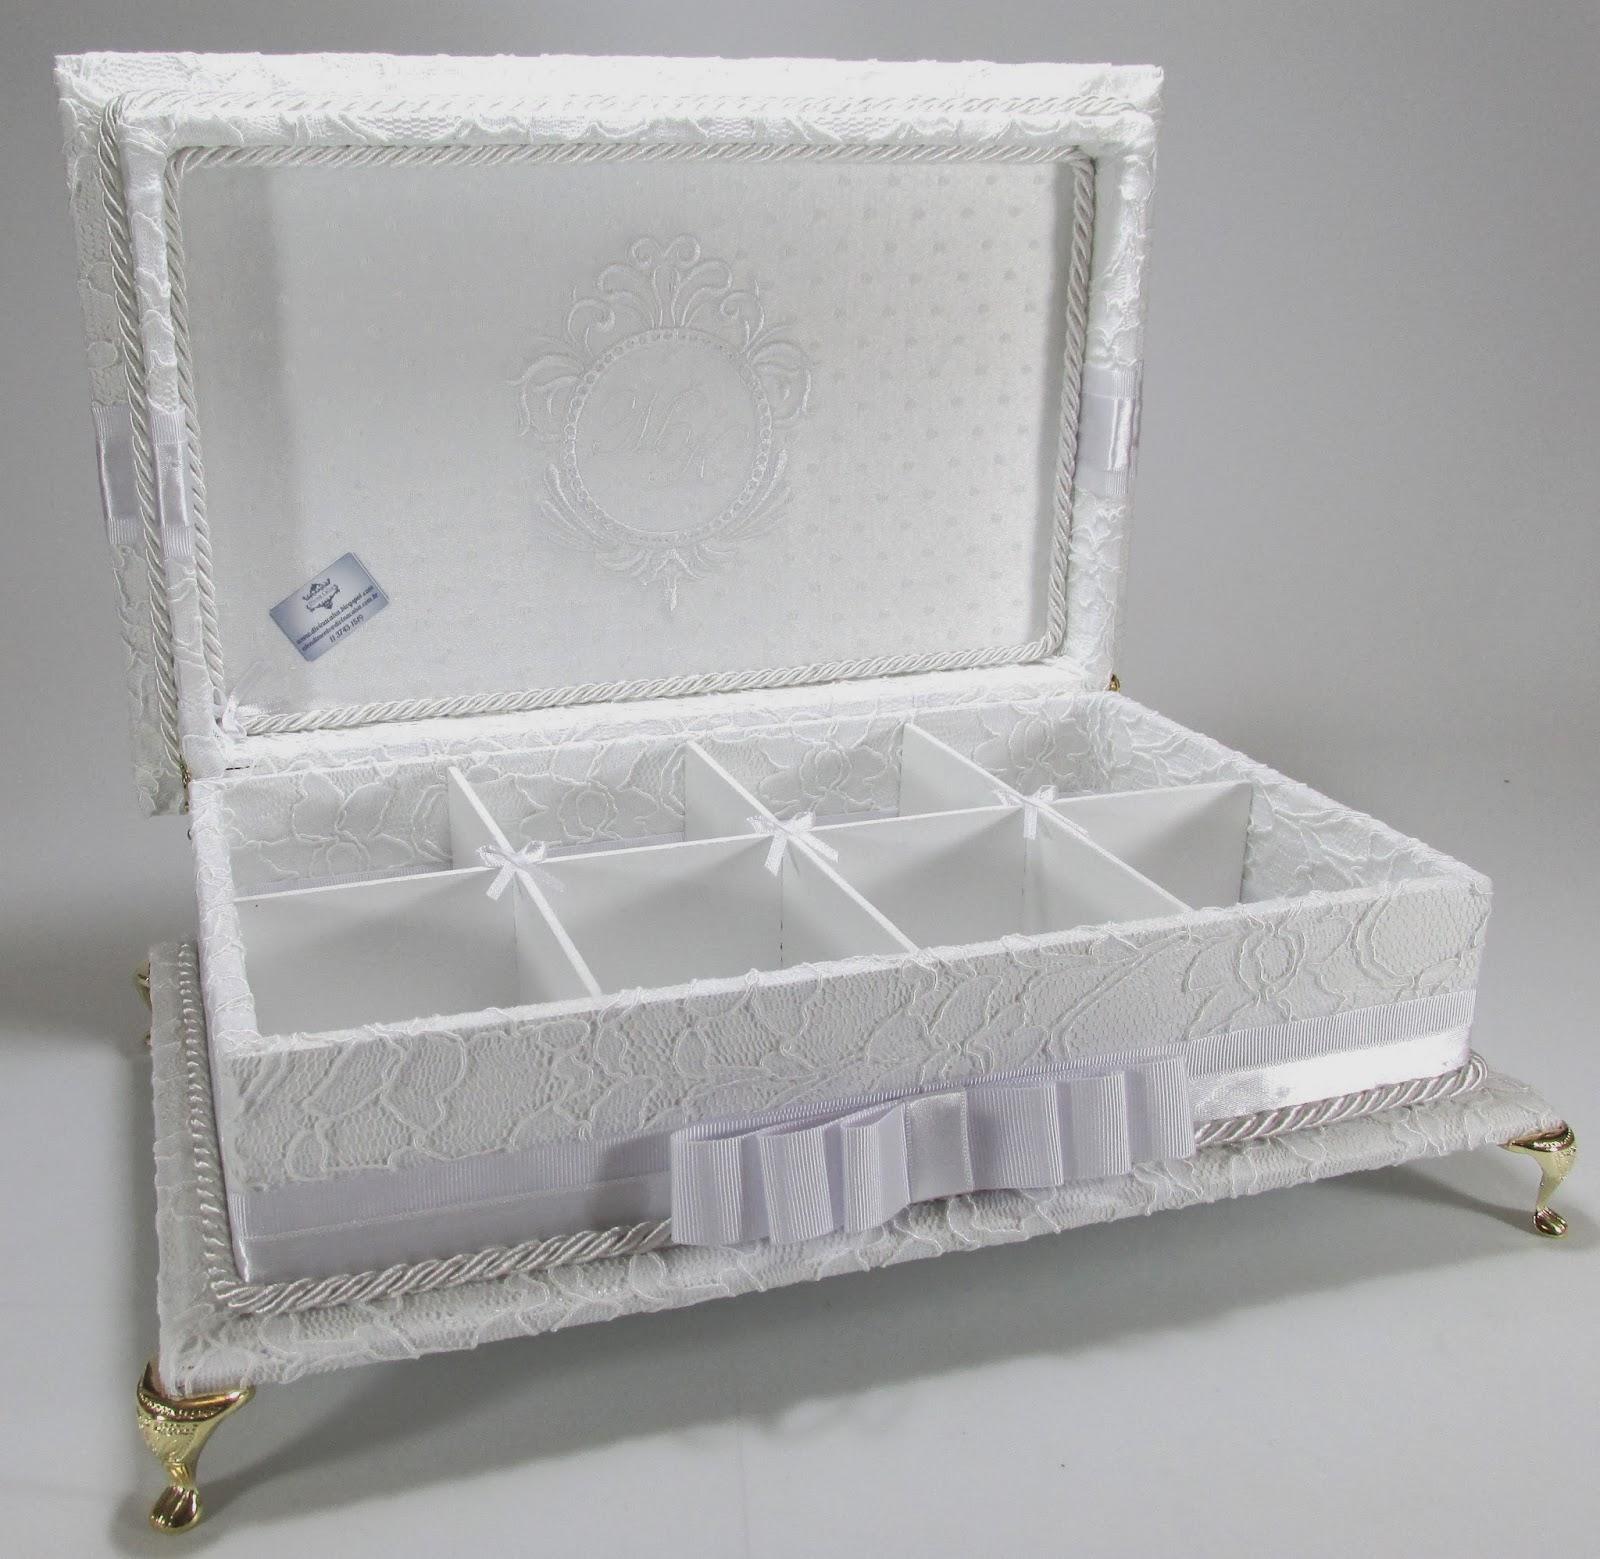 Caixa Kit Toalete em RENDA bordada e com pés de metal. Um luxo  #453A2A 1600x1559